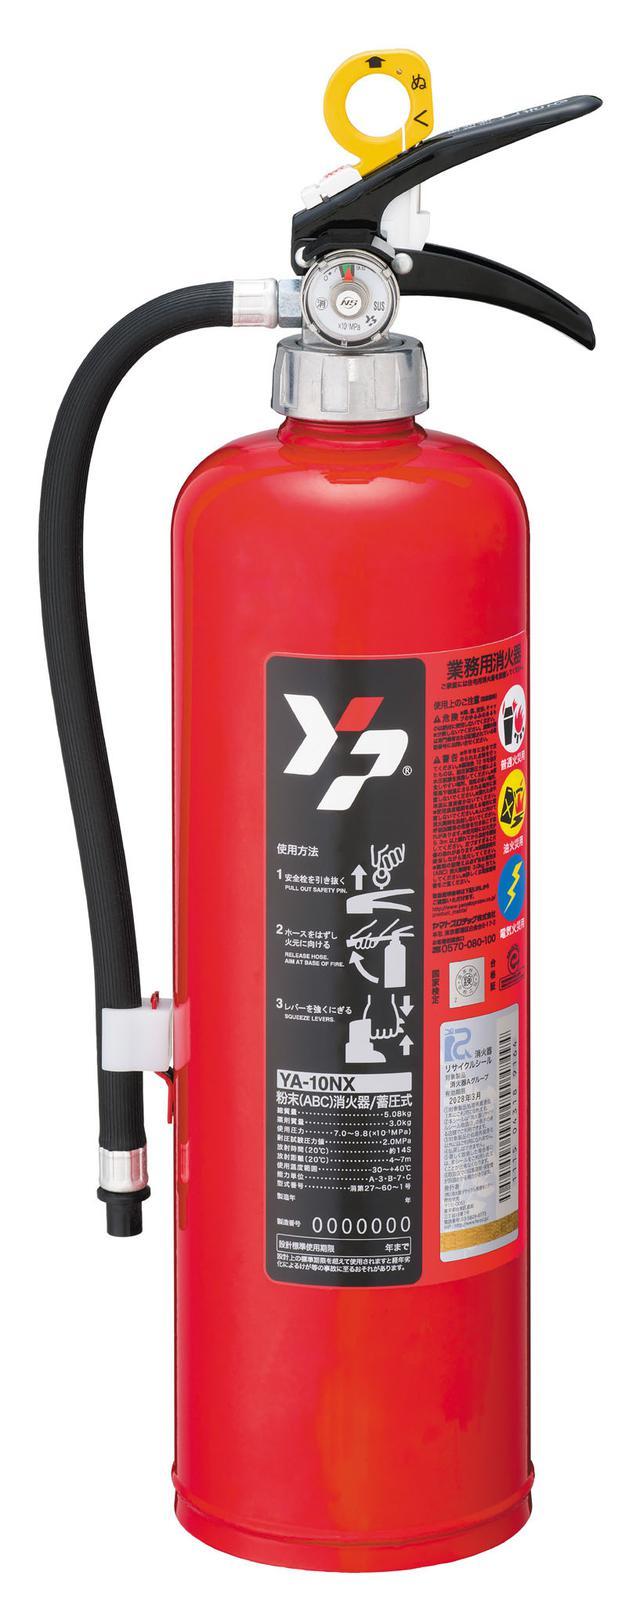 画像: 出典:ヤマトプロテック(株) 写真は蓄圧式粉末消火器